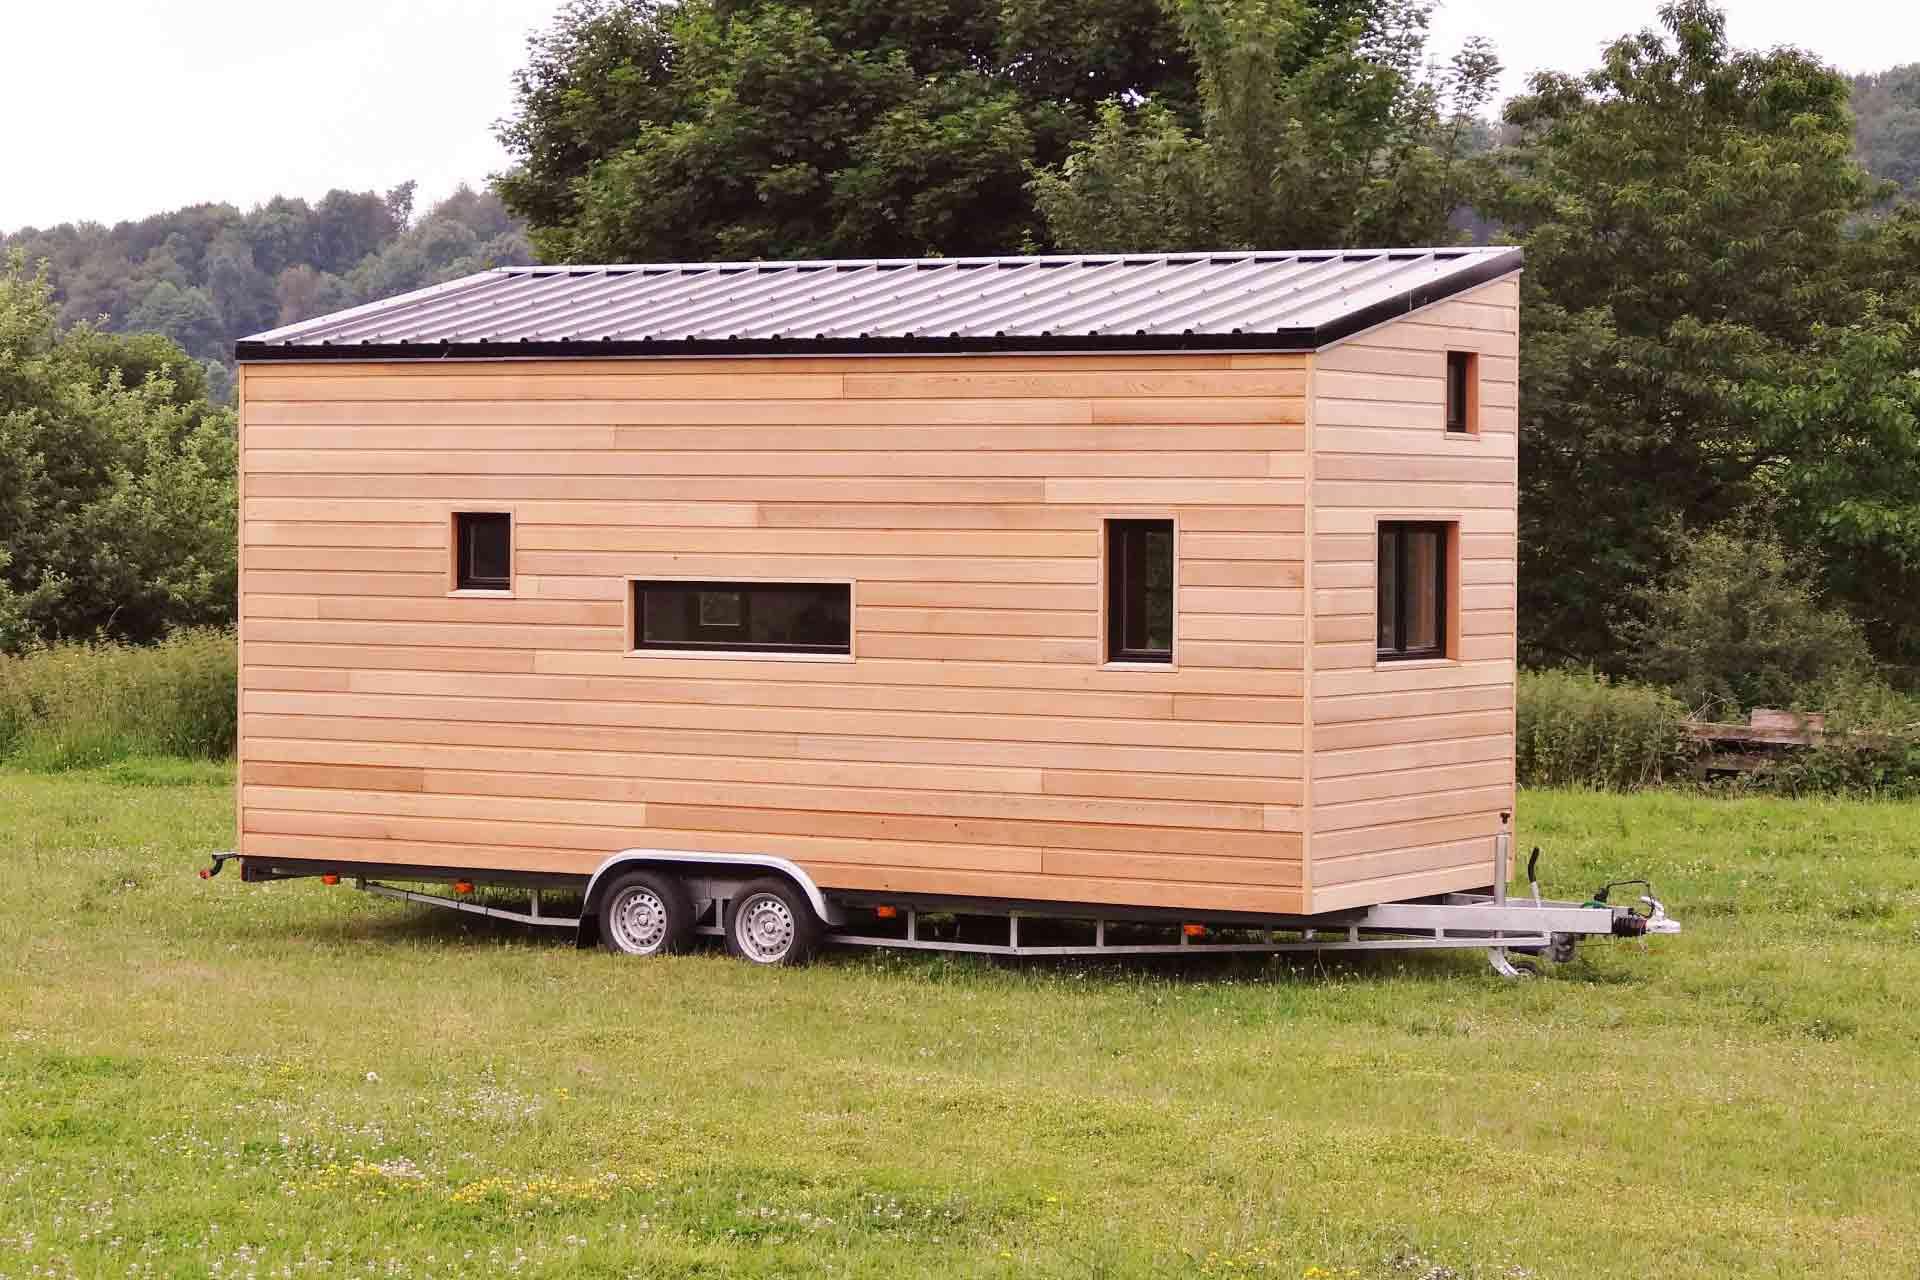 modèle ou plan de tiny house - vue extérieure : La familiale - Les chalets nomades, constructeur francais de tiny houses en France